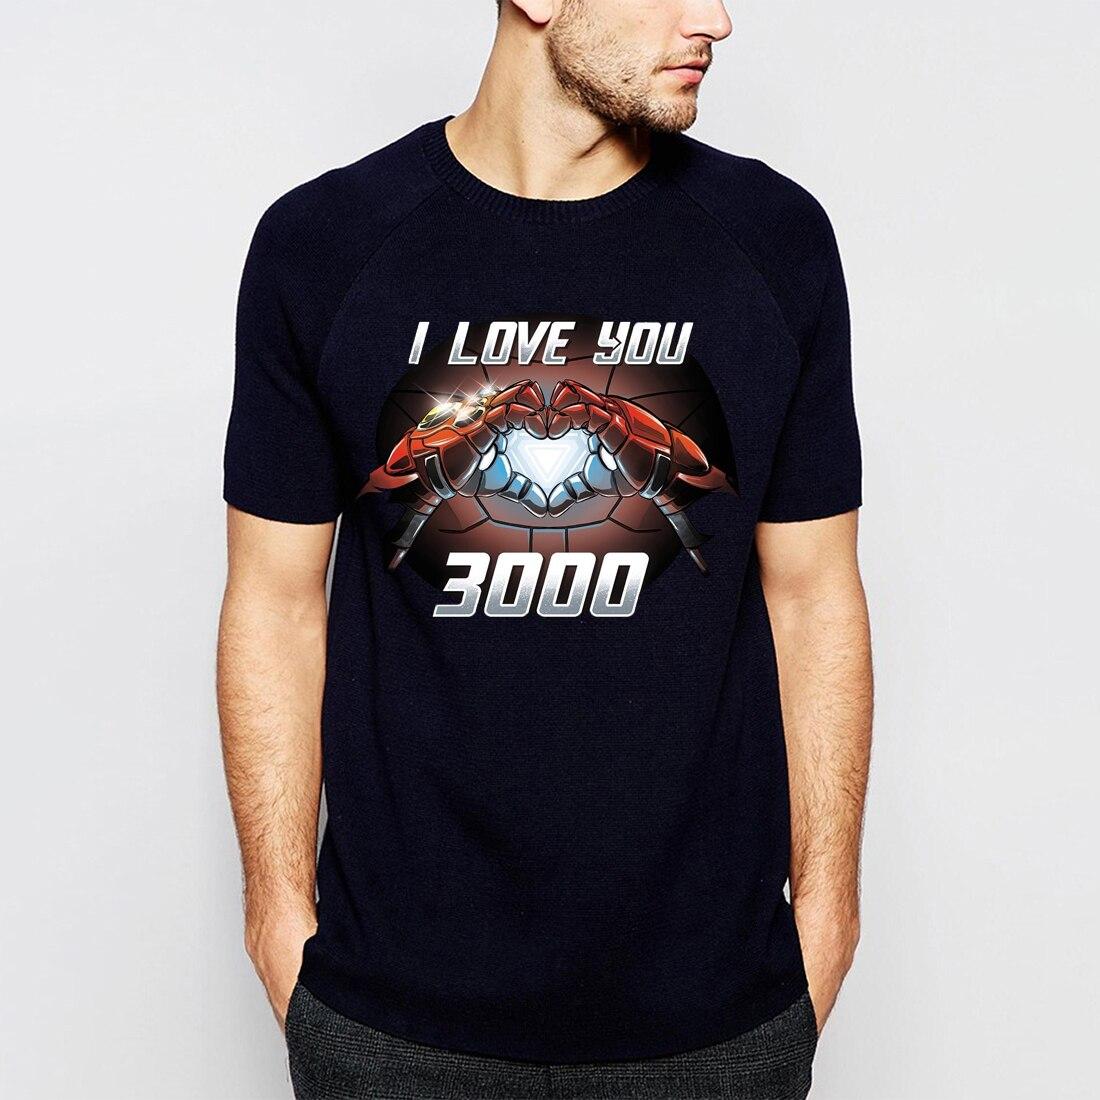 EU Te amo 3000 T-Shirt Dos Homens Os Vingadores Tony Stark Homem De Ferro Camisa Moive 2019 Novo Ocasional do Verão Plus Size tops Tees S-3XL